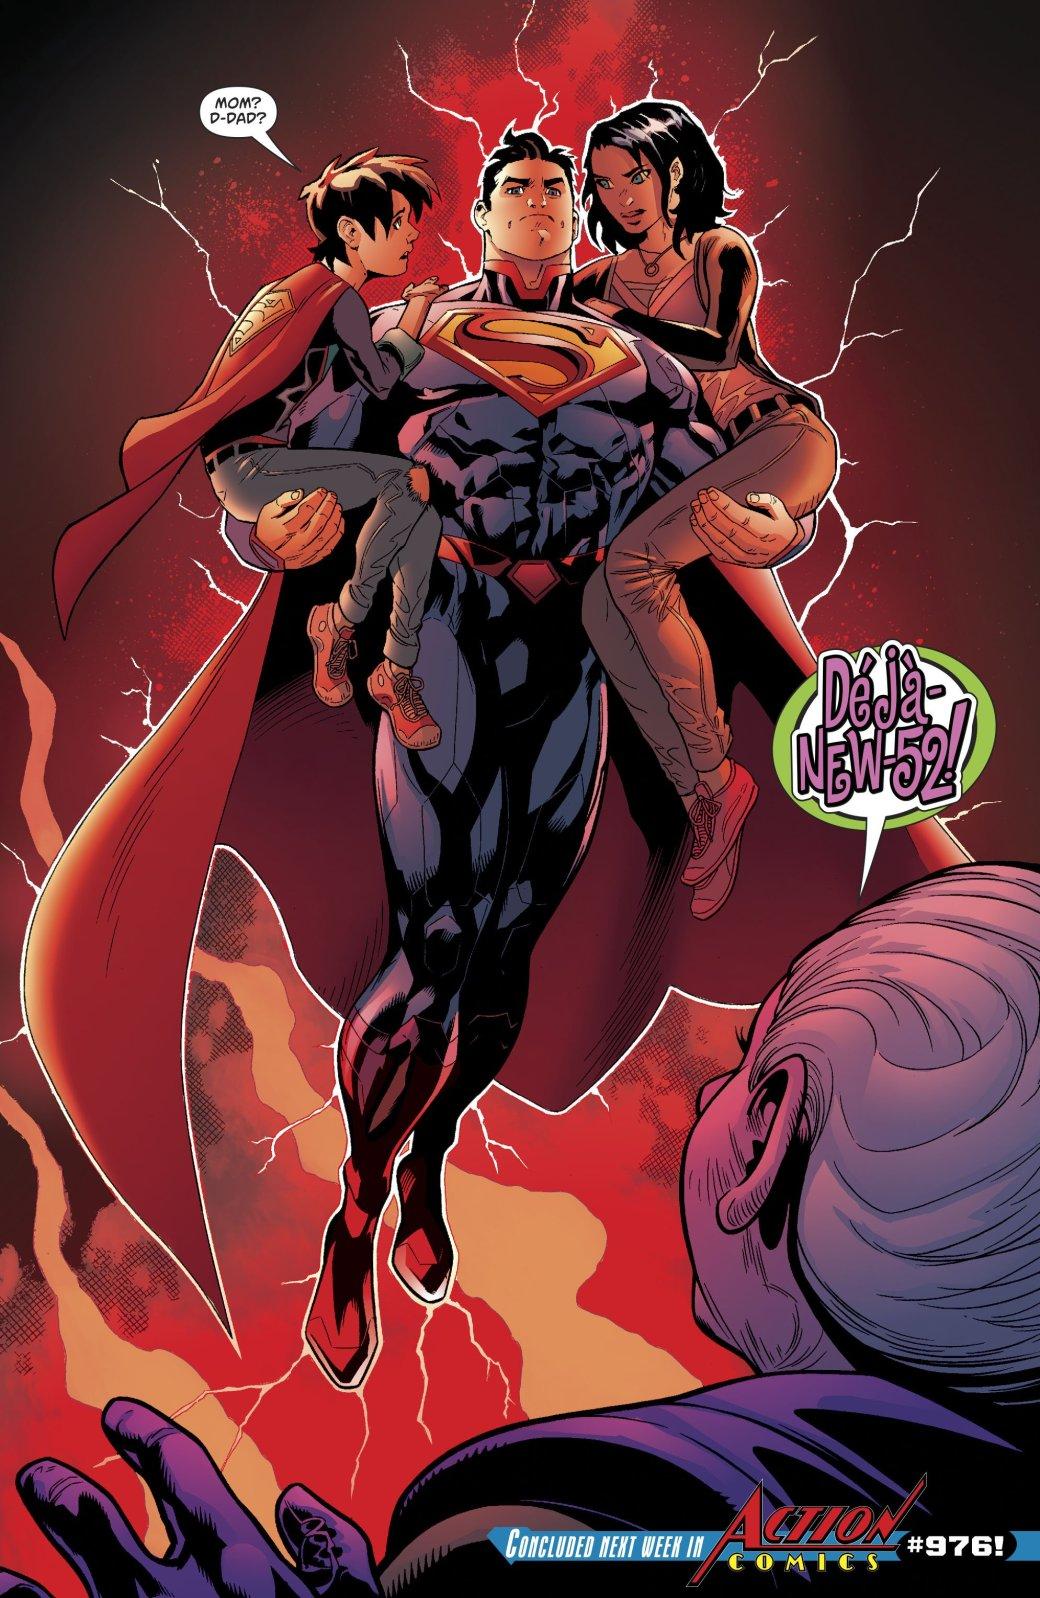 Еще одна загадка DC Rebirth: А был ли Супермен? - Изображение 10